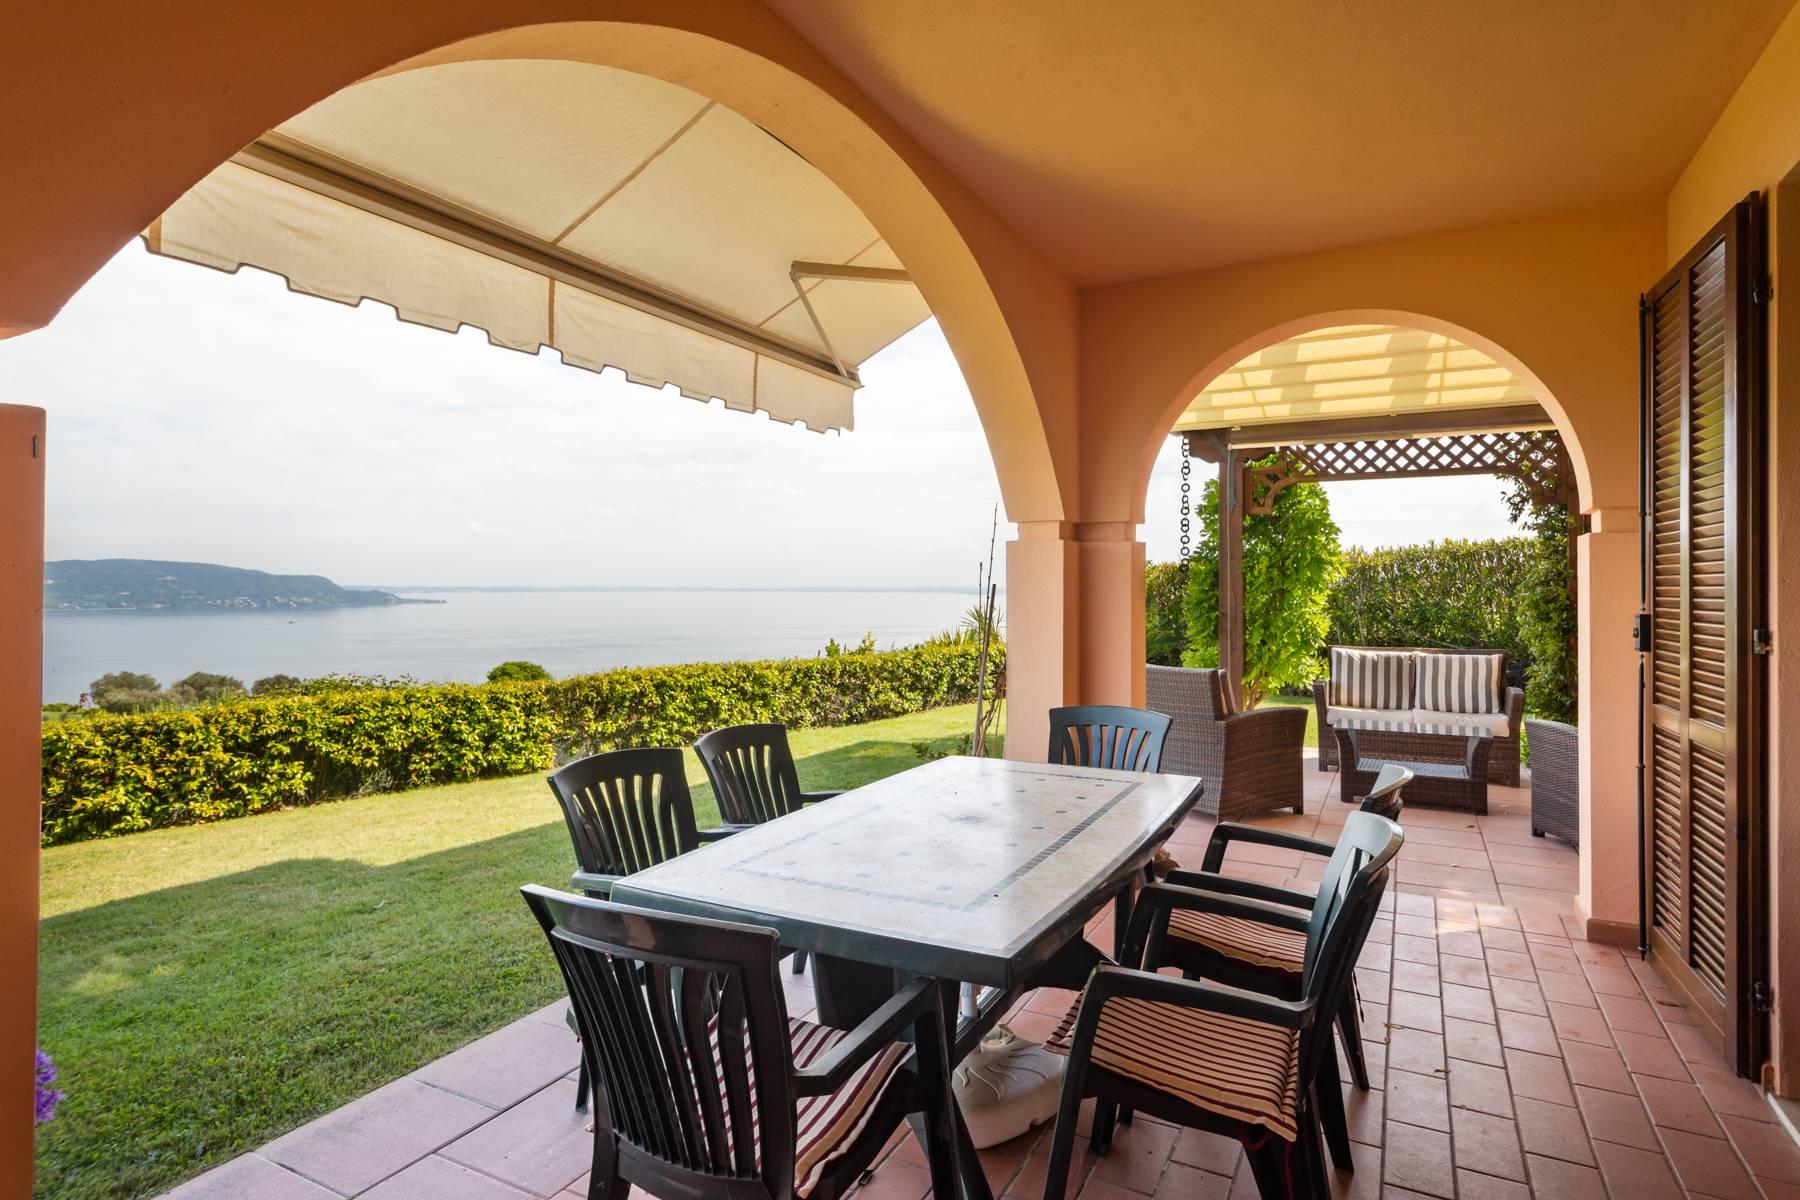 Casa indipendente in Vendita a Toscolano-Maderno: 4 locali, 76 mq - Foto 18